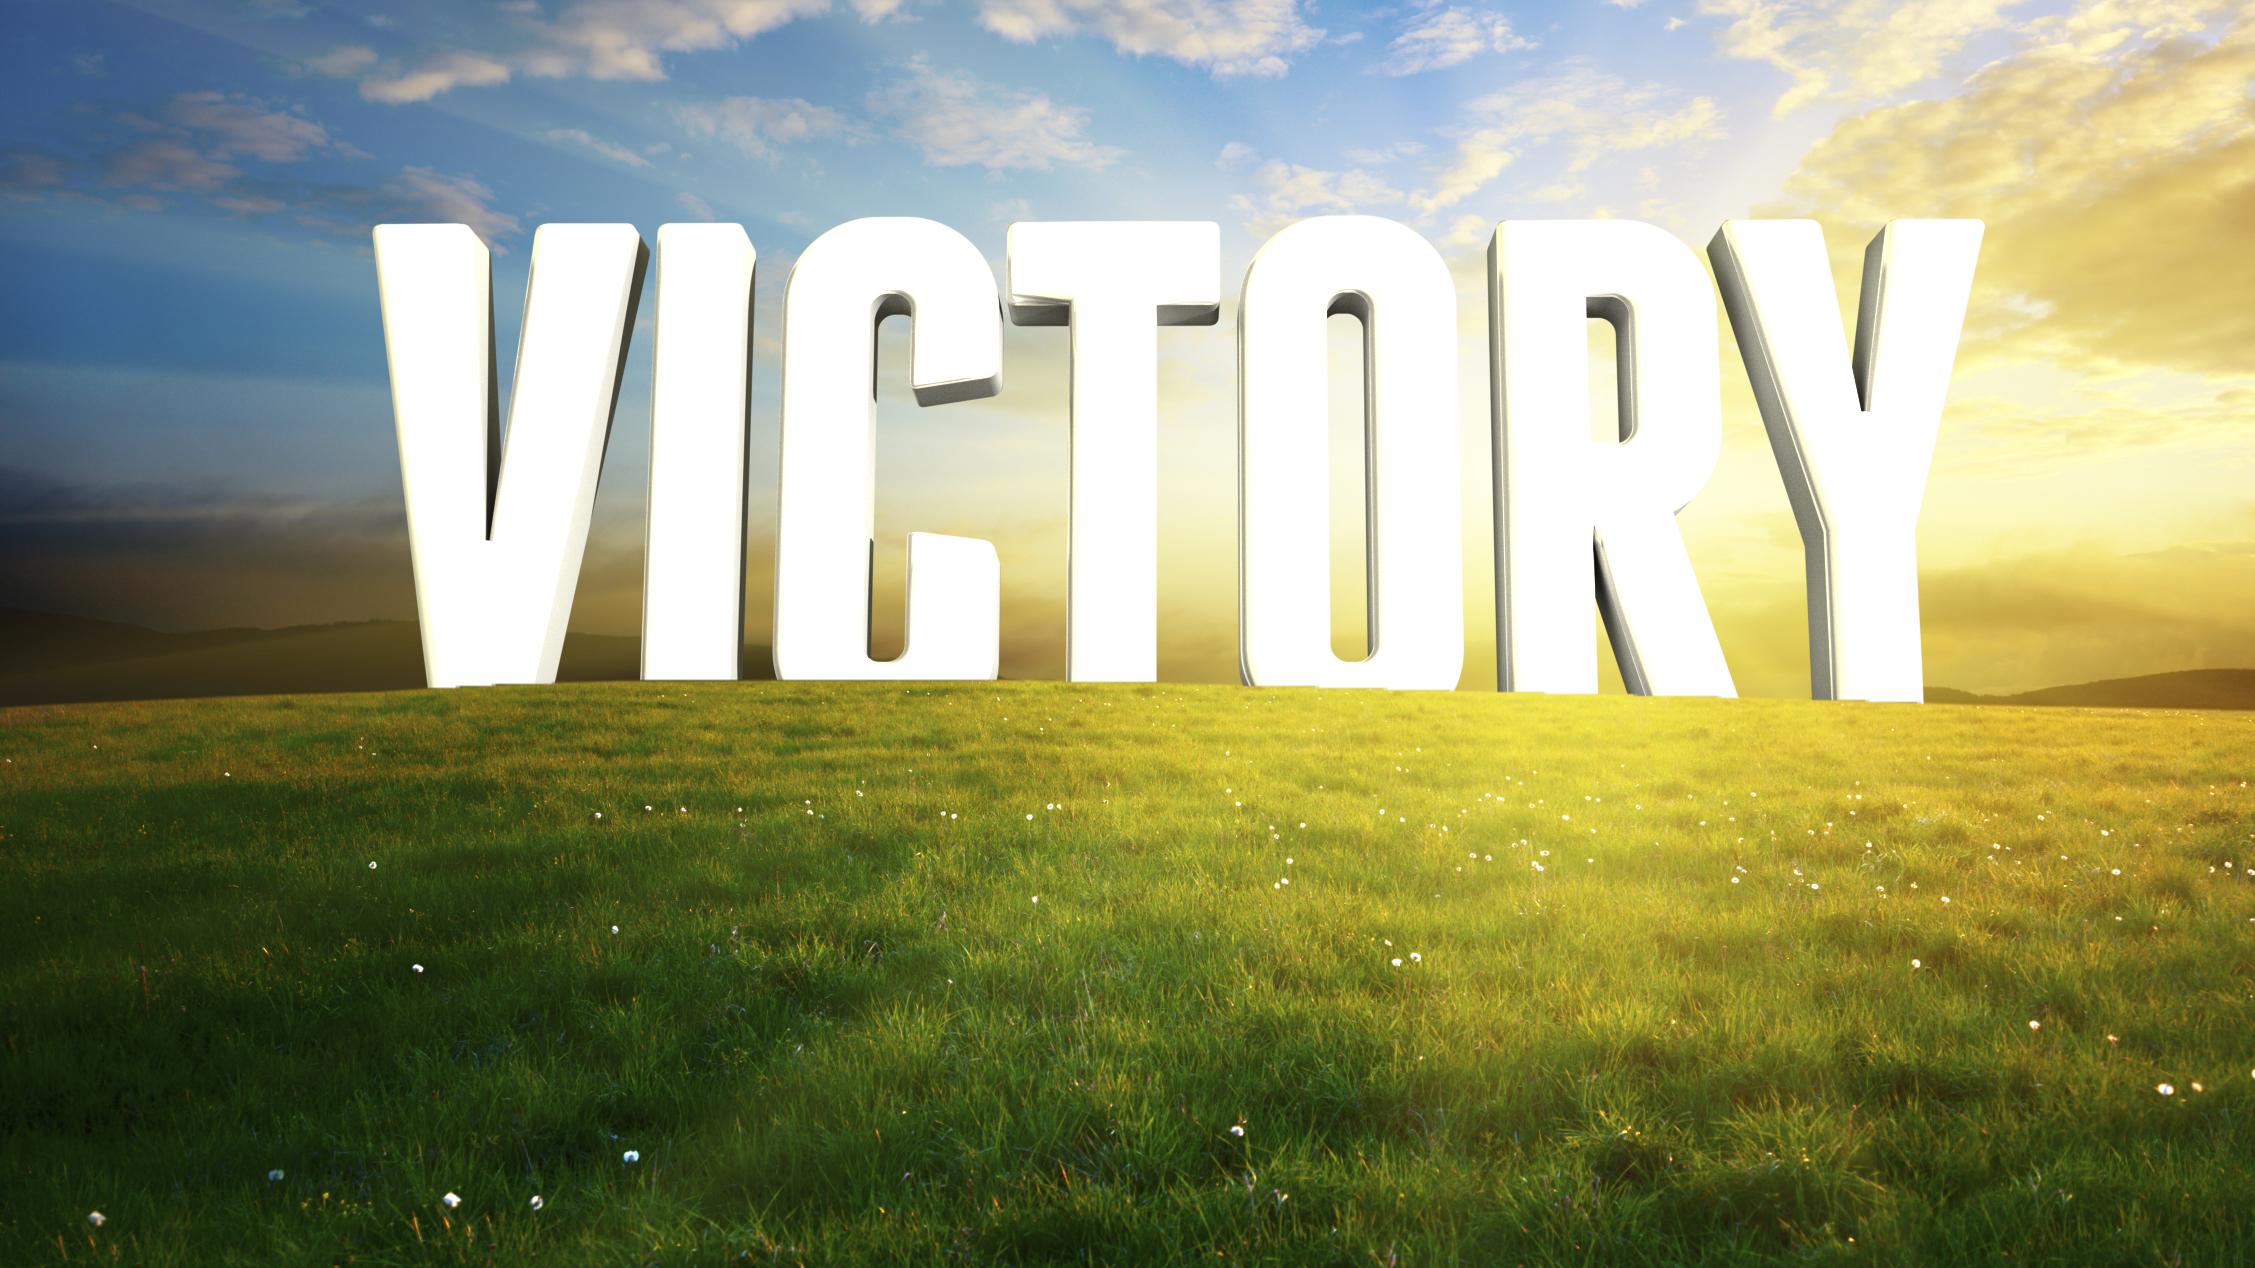 victory-004.jpg